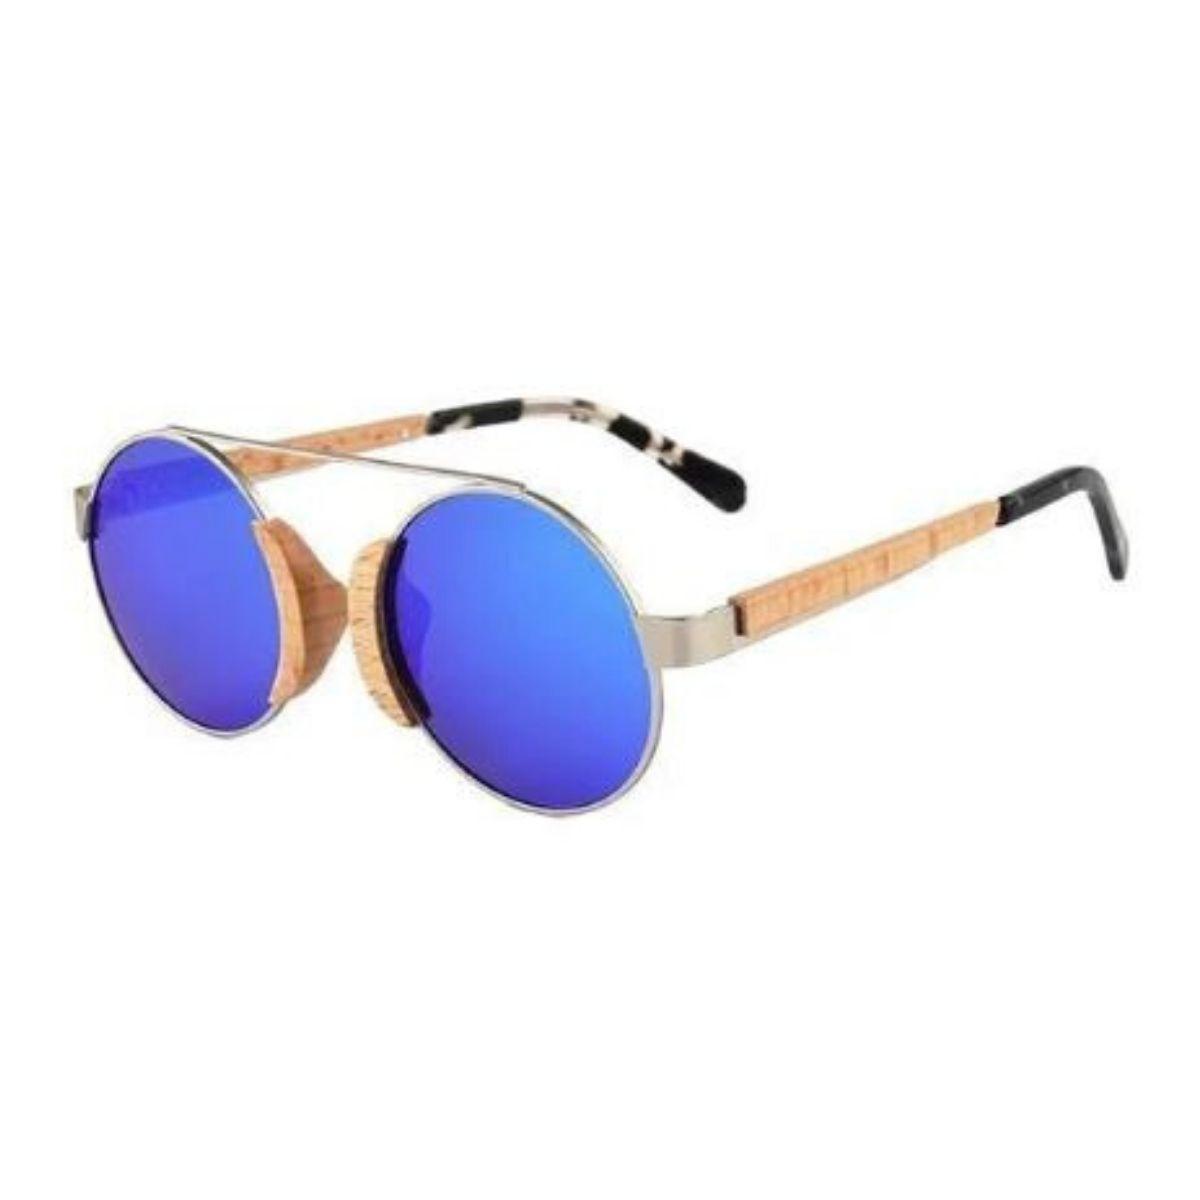 lunettes de soleil en bois Lagon